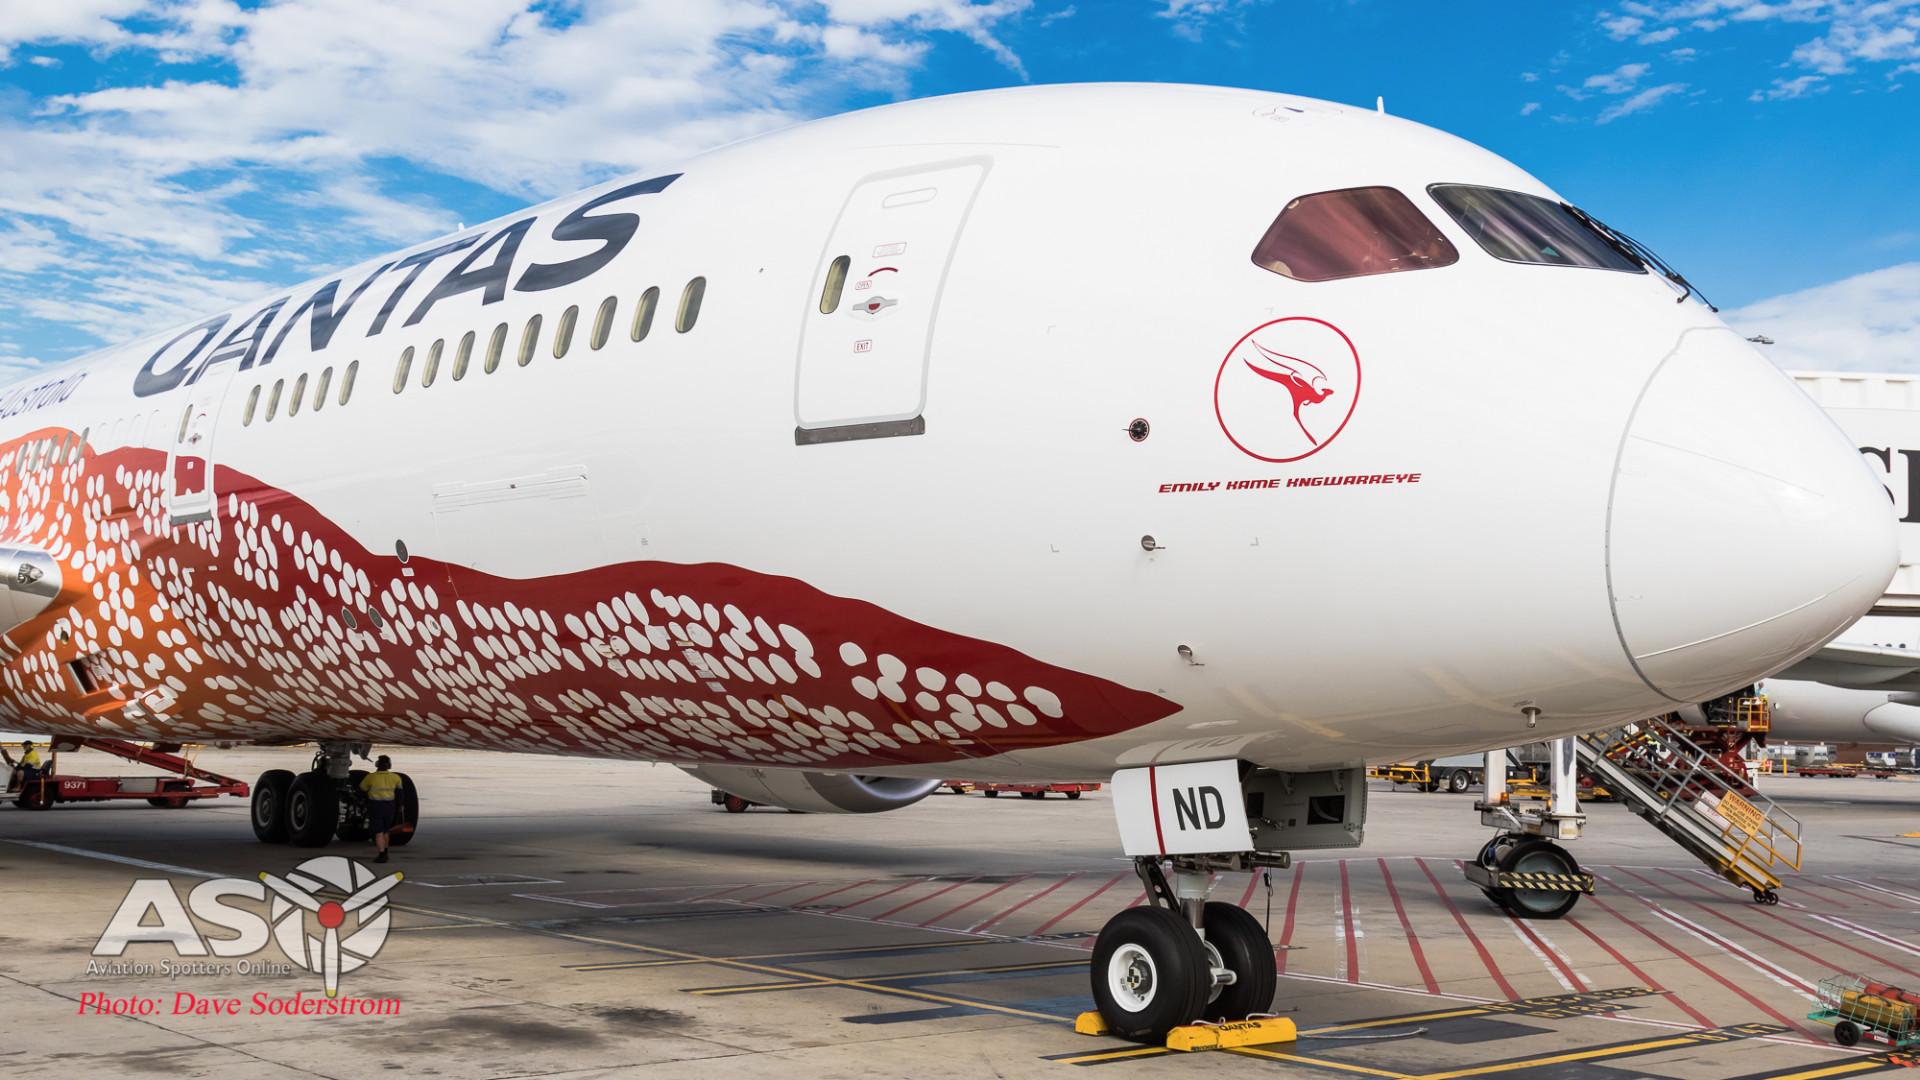 VH-ZND QANTAS 787-9 ASO6 (1 of 1).jpg